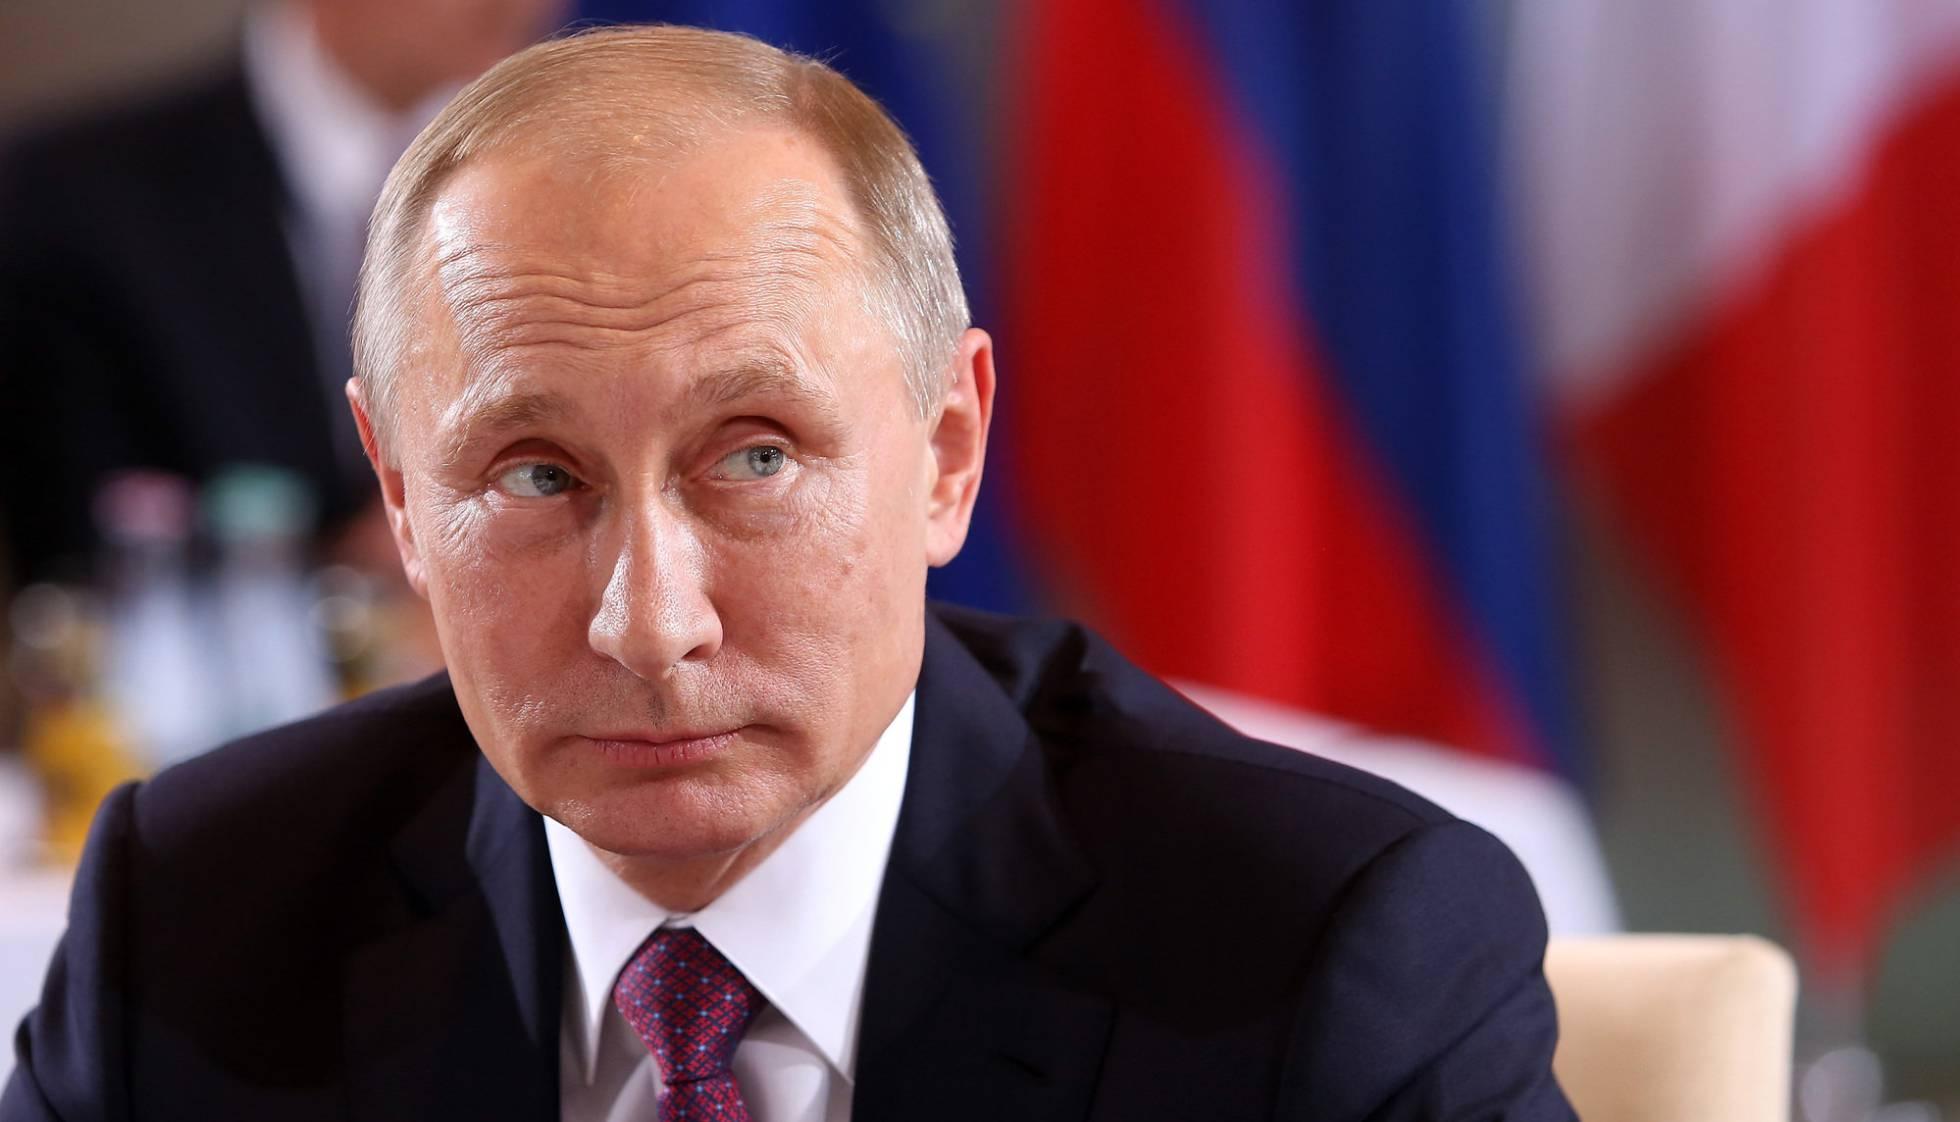 El presidente ruso, Vladímir Putin, este miércoles en Berlín. ADAM BERRY (GETTY IMAGES)